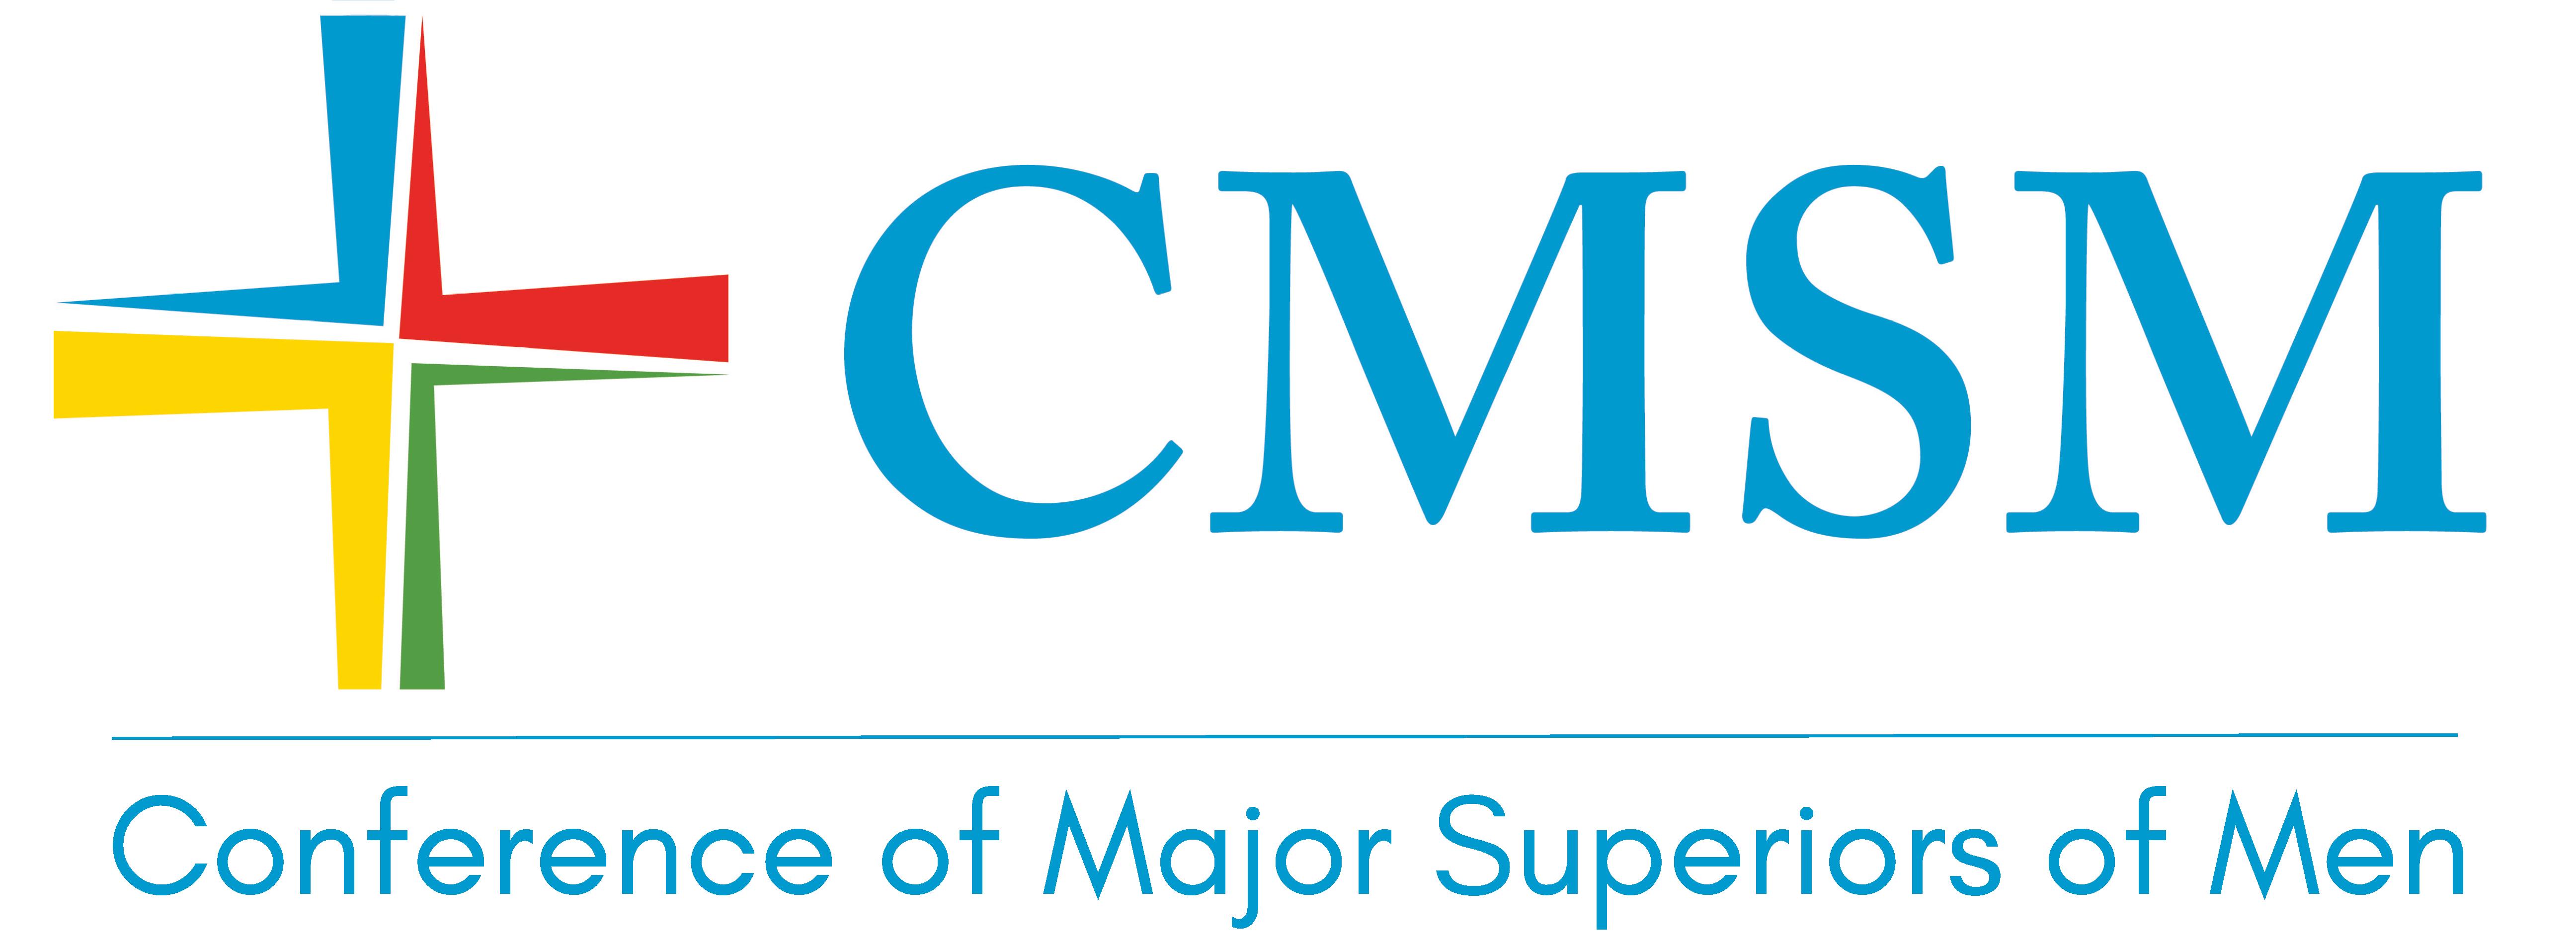 CMSM logo